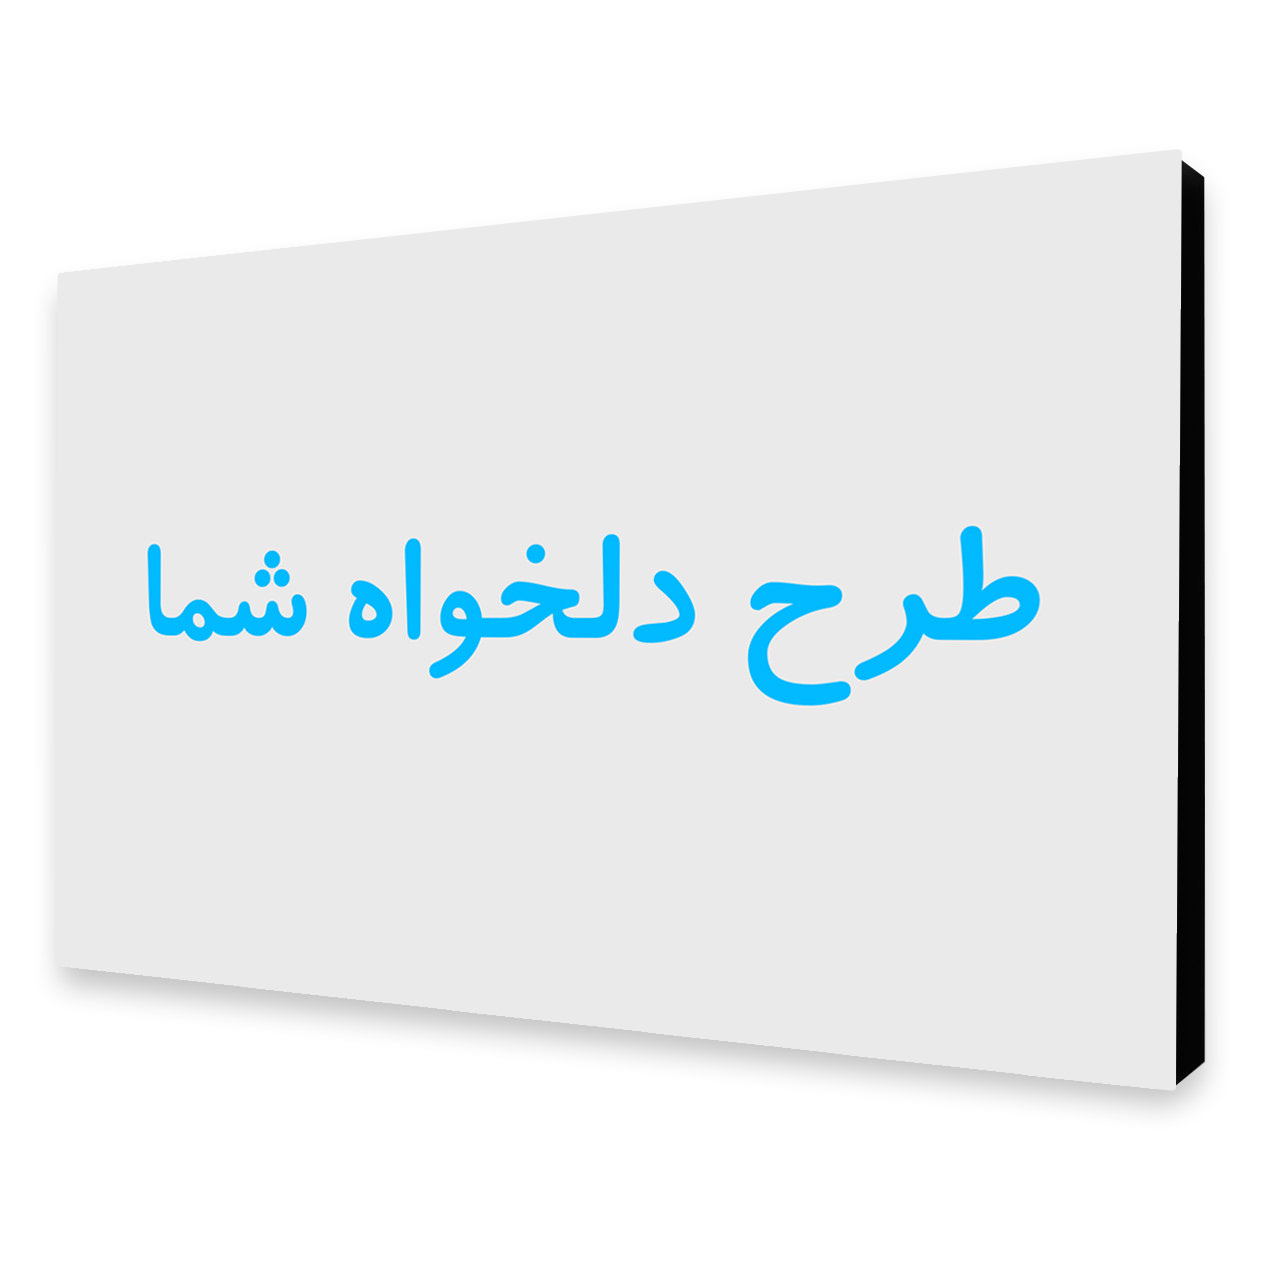 تصویر تابلو شاسی با طرح دلخواه